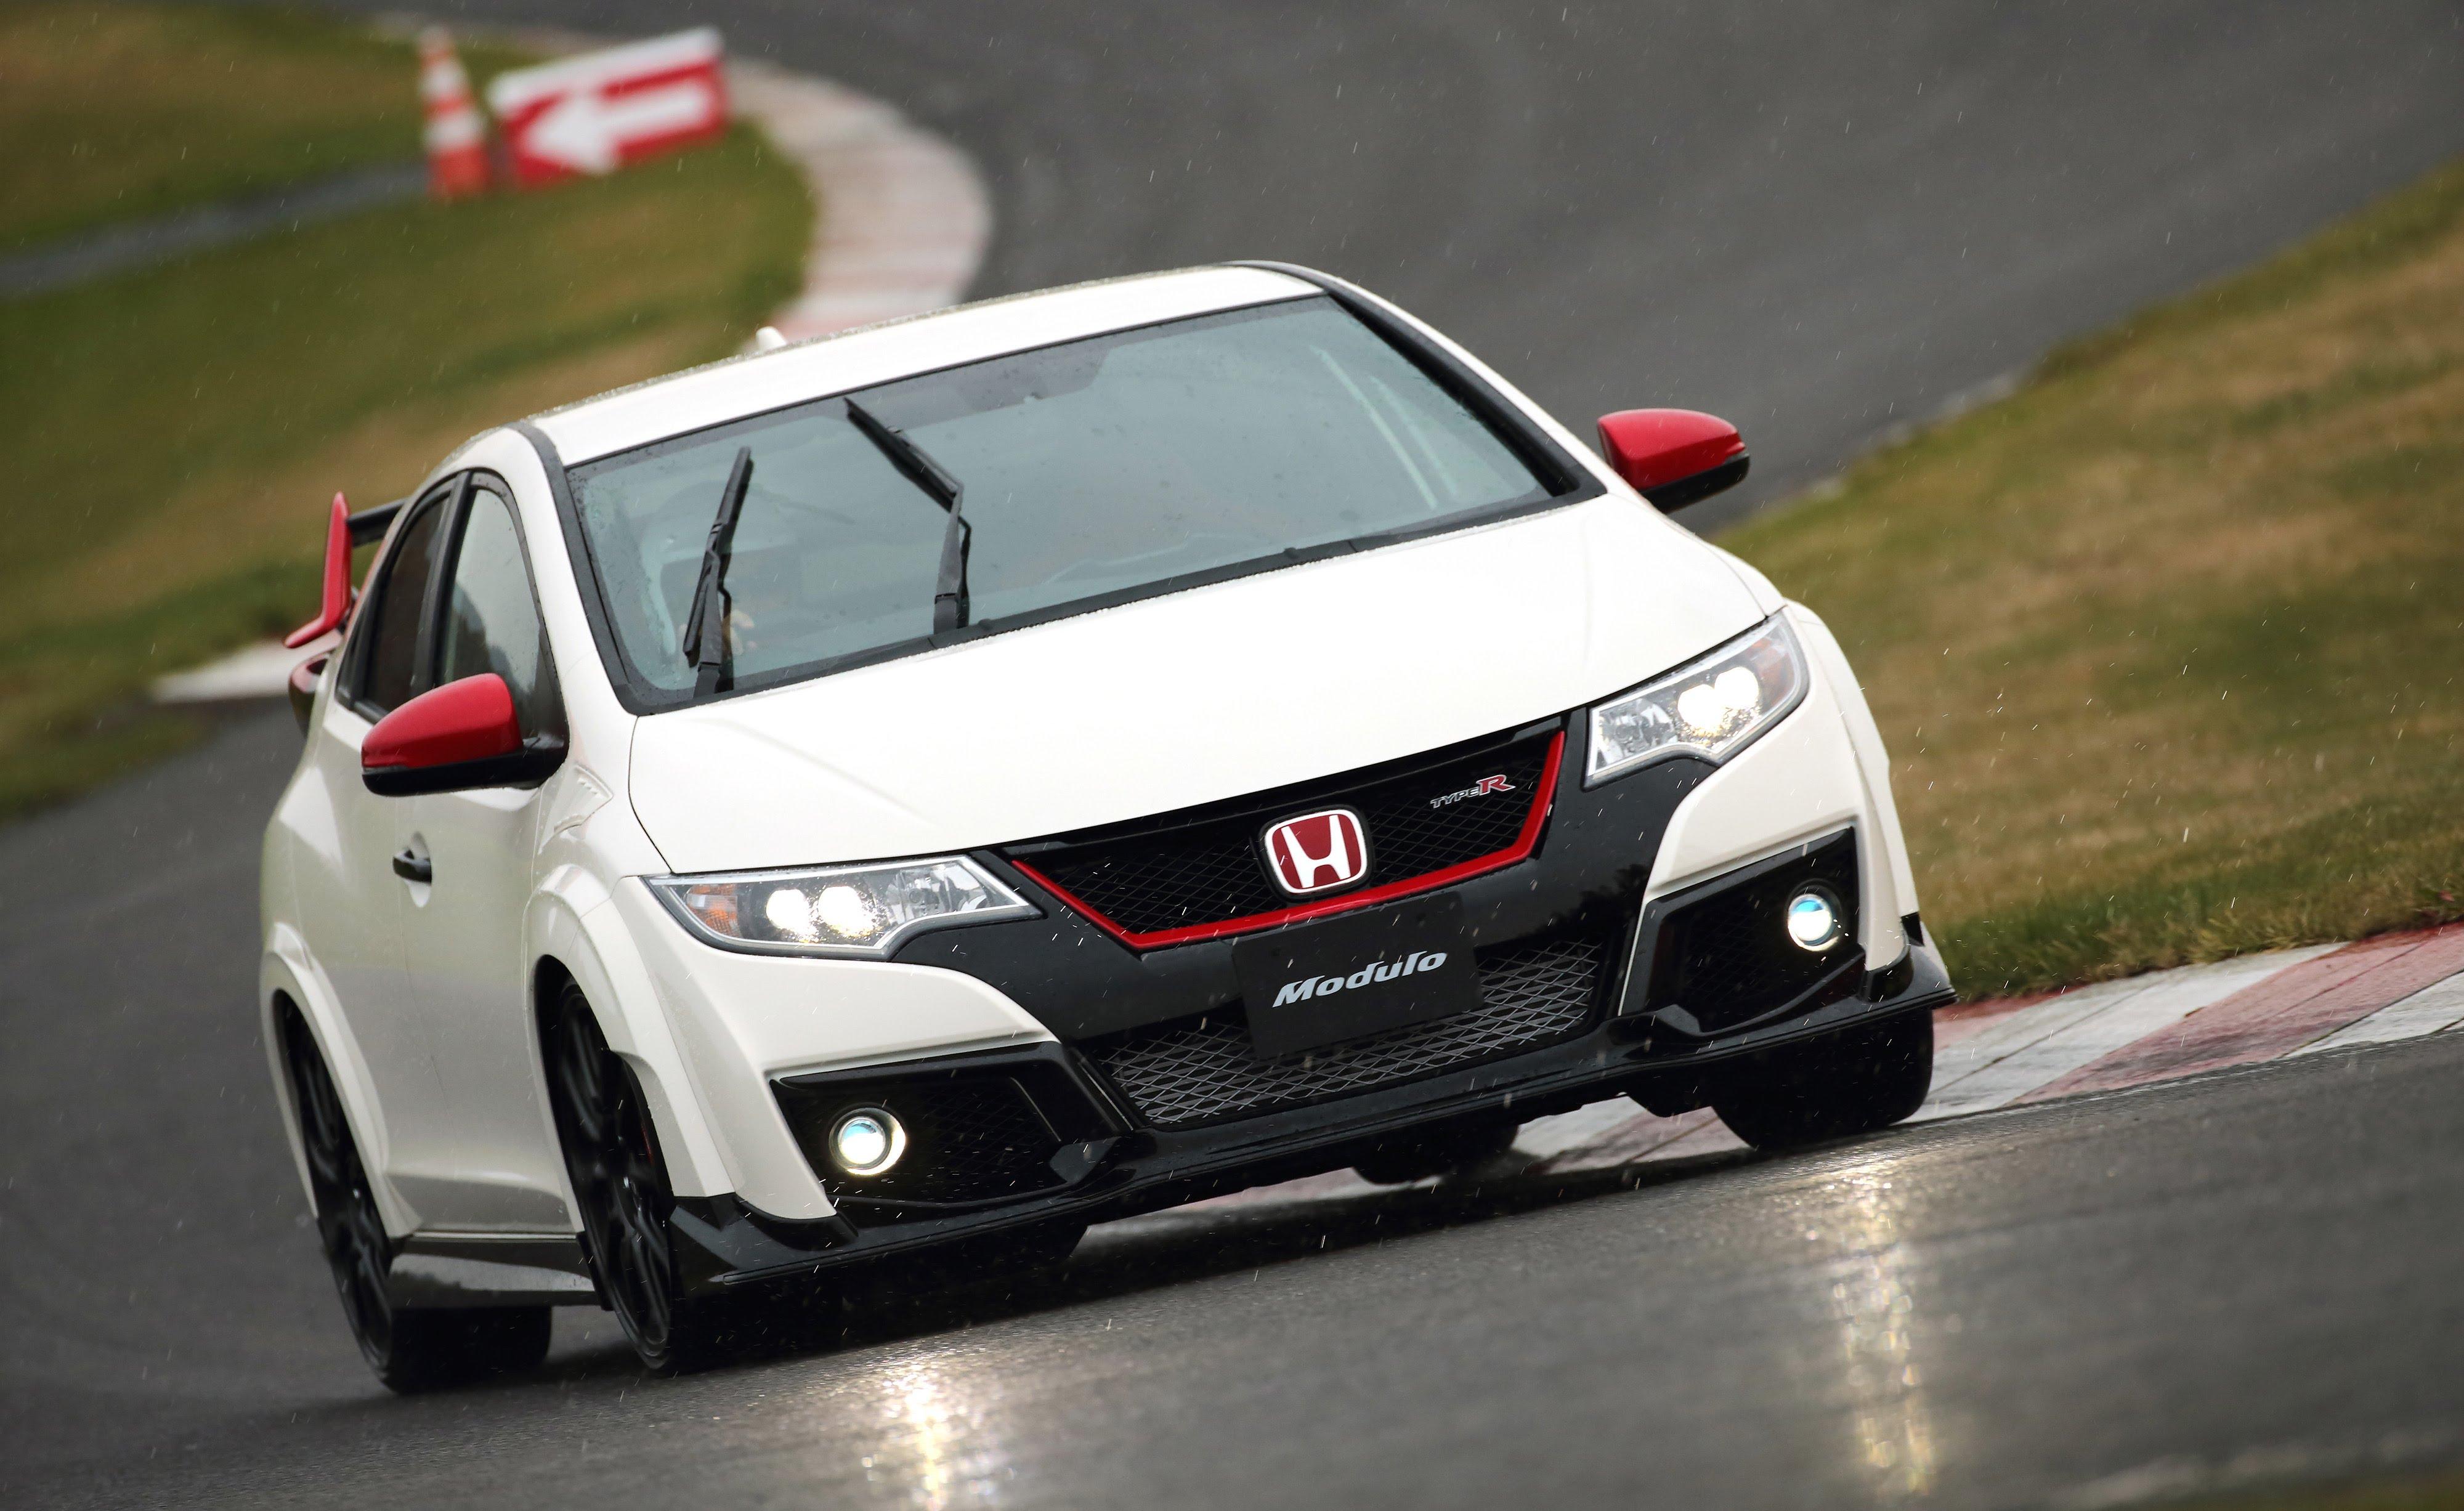 Honda Civic Type-R Wallpapers hd